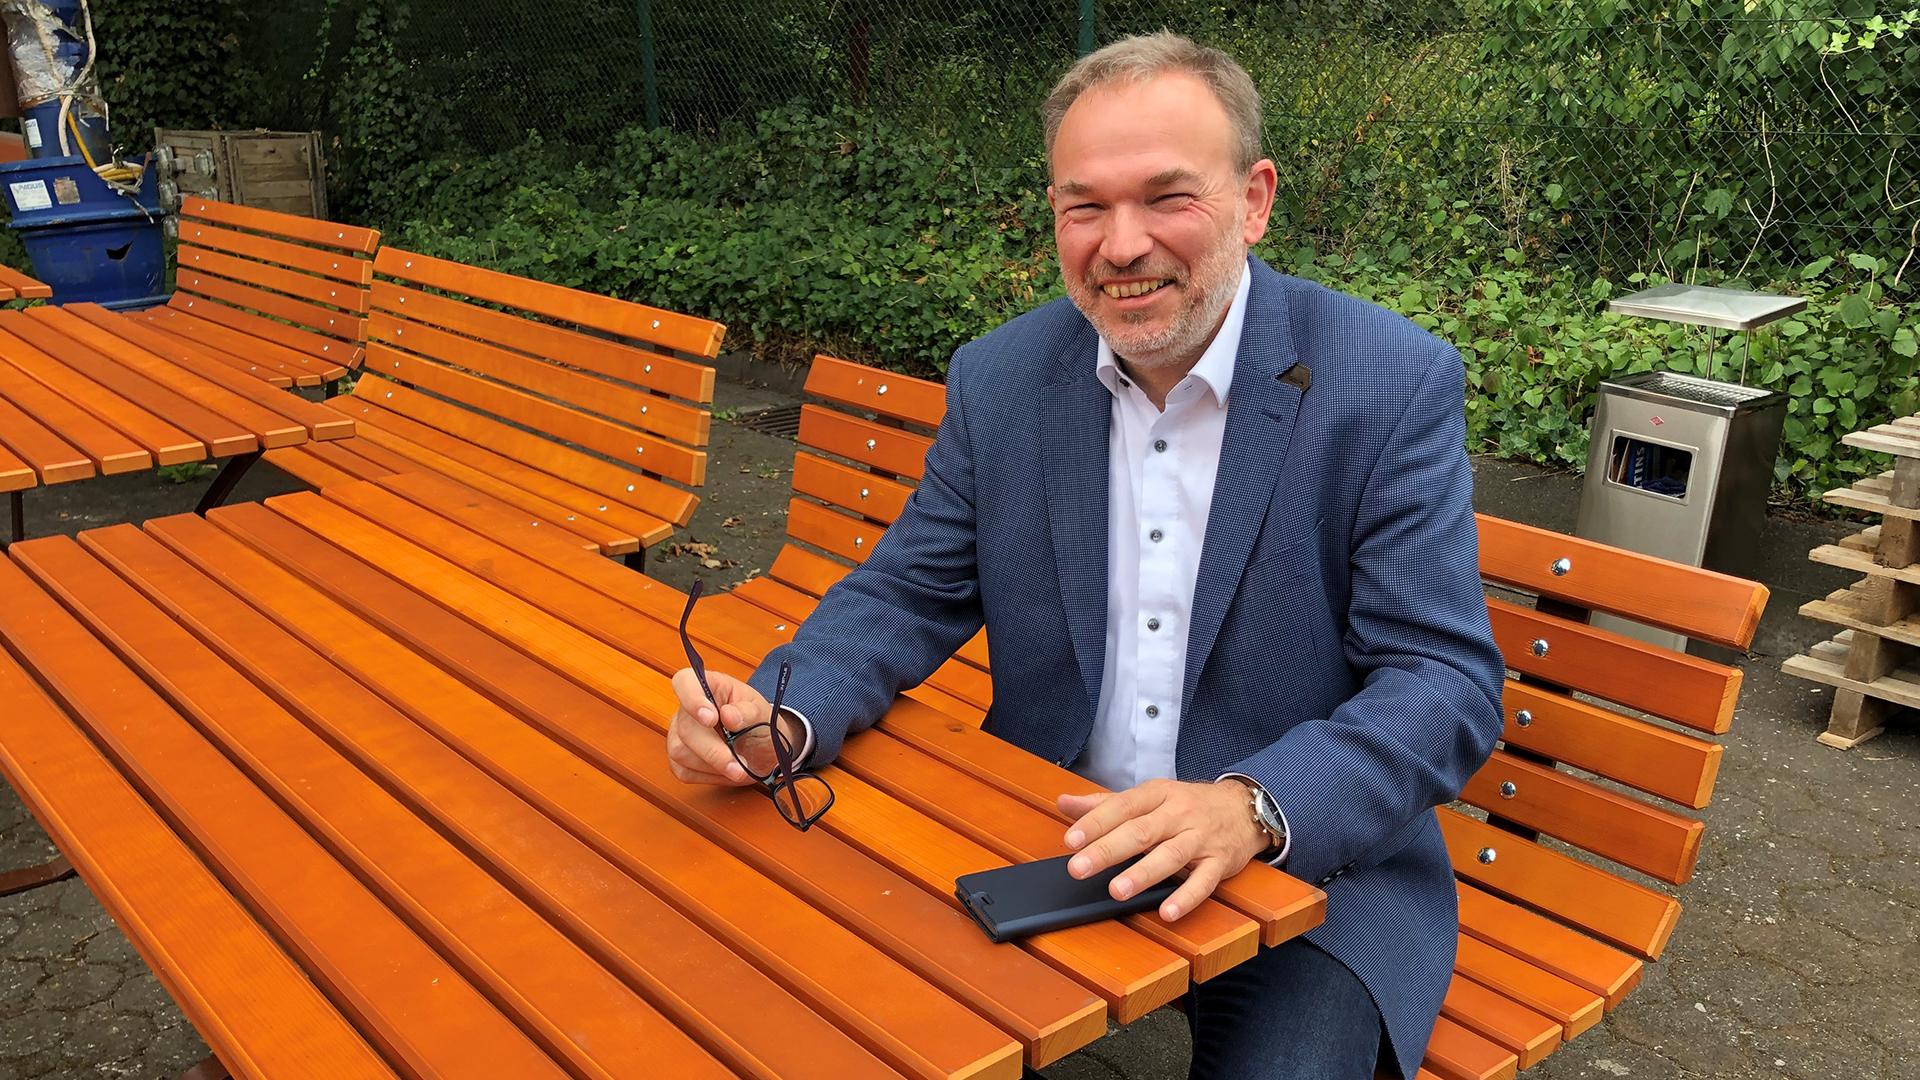 Professor Müller-Czygan